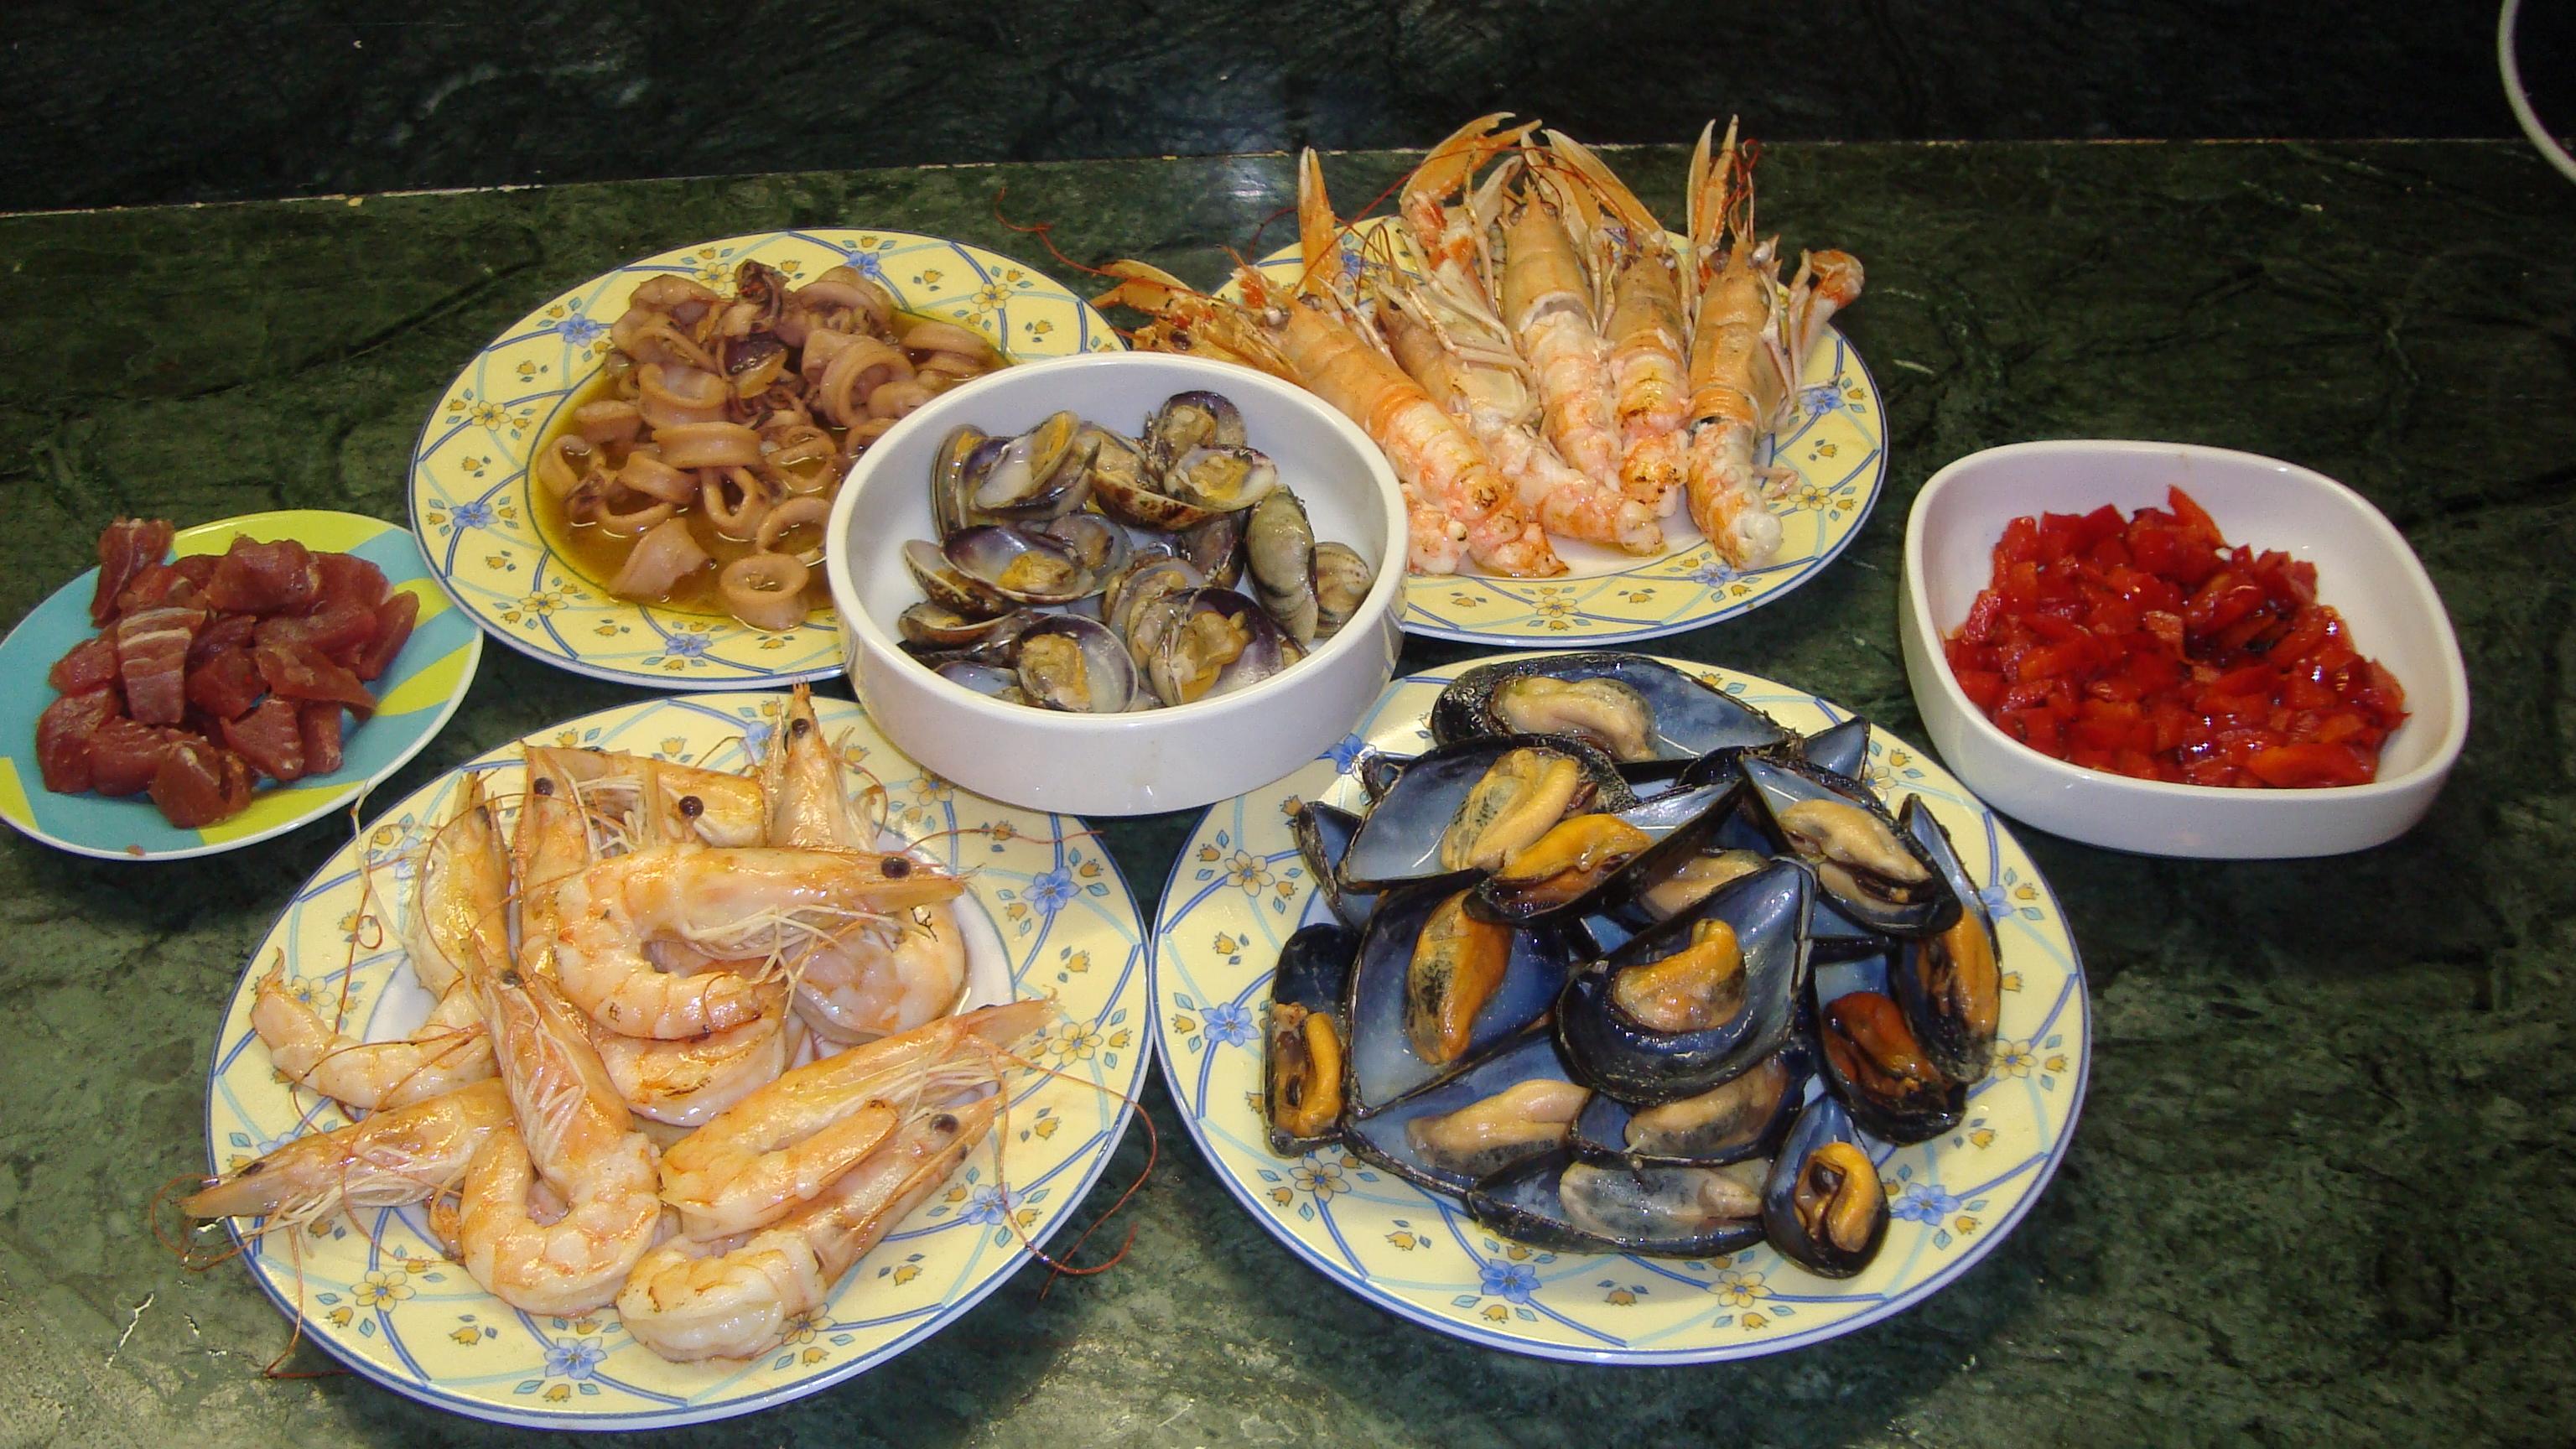 Paella de pescado la cucina di lalla tattoo design bild - Paella de pescado ...